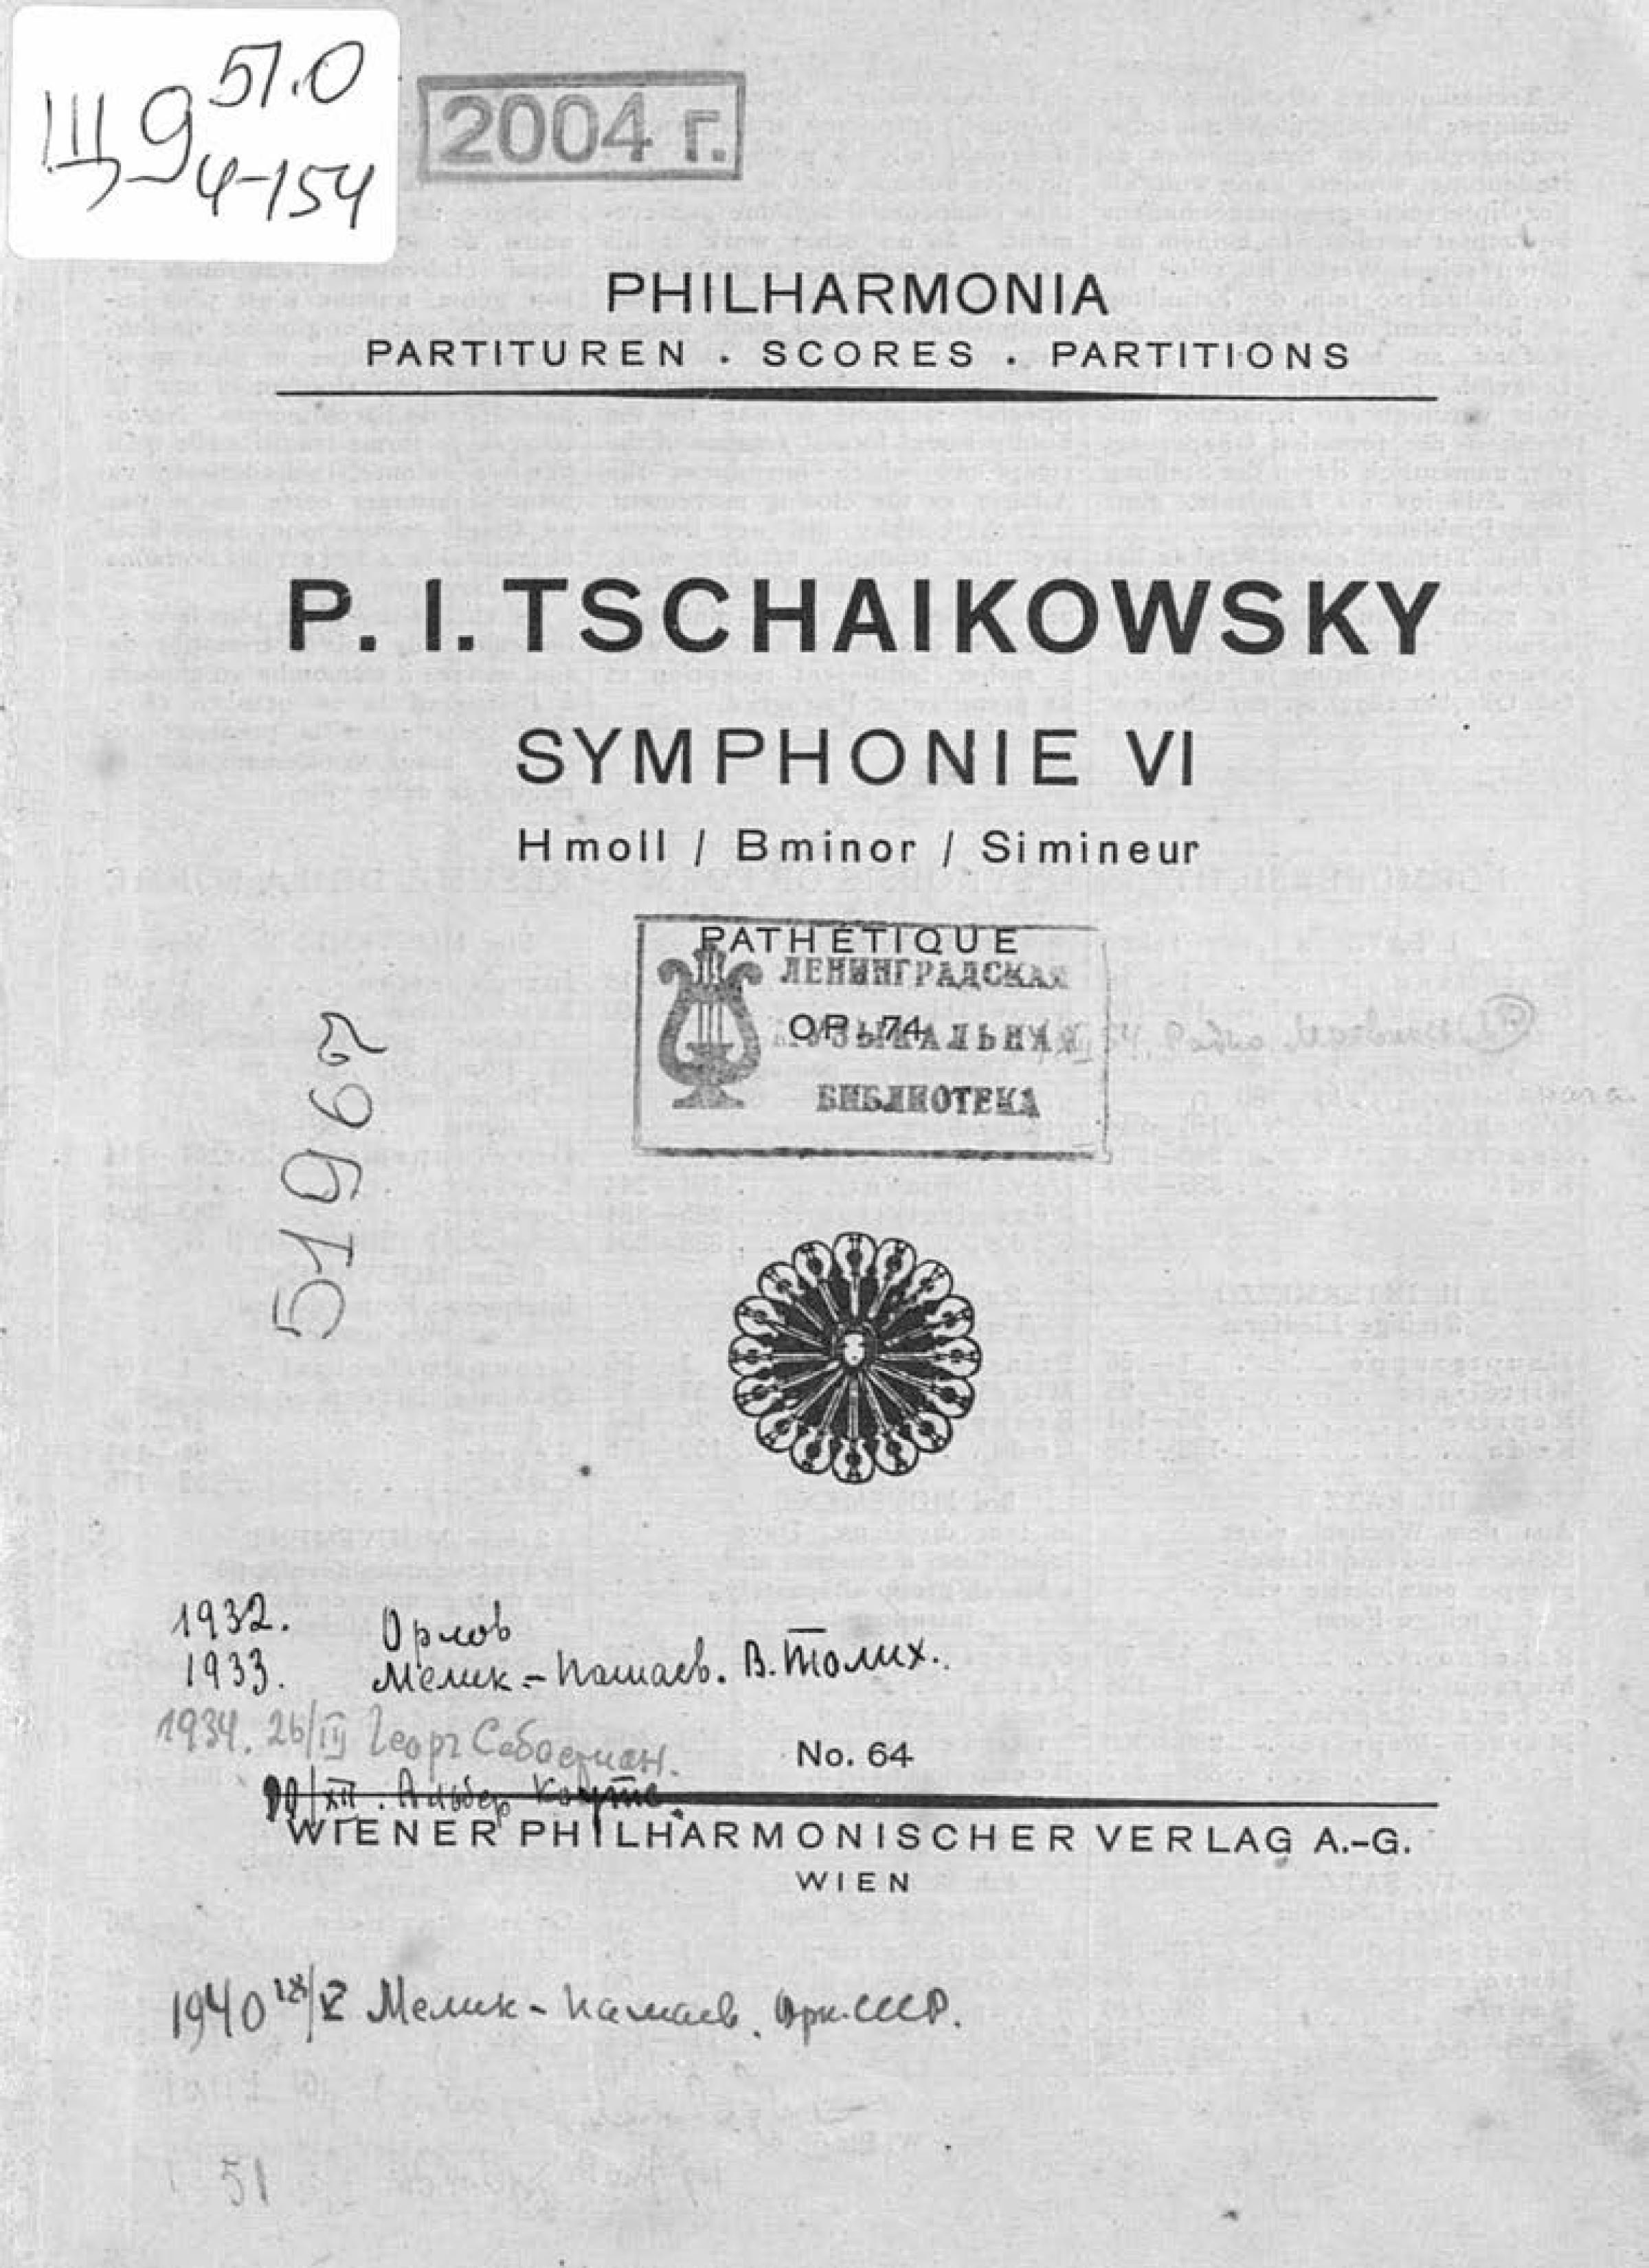 Петр Ильич Чайковский Symphonie VI H-moll. Pathetique